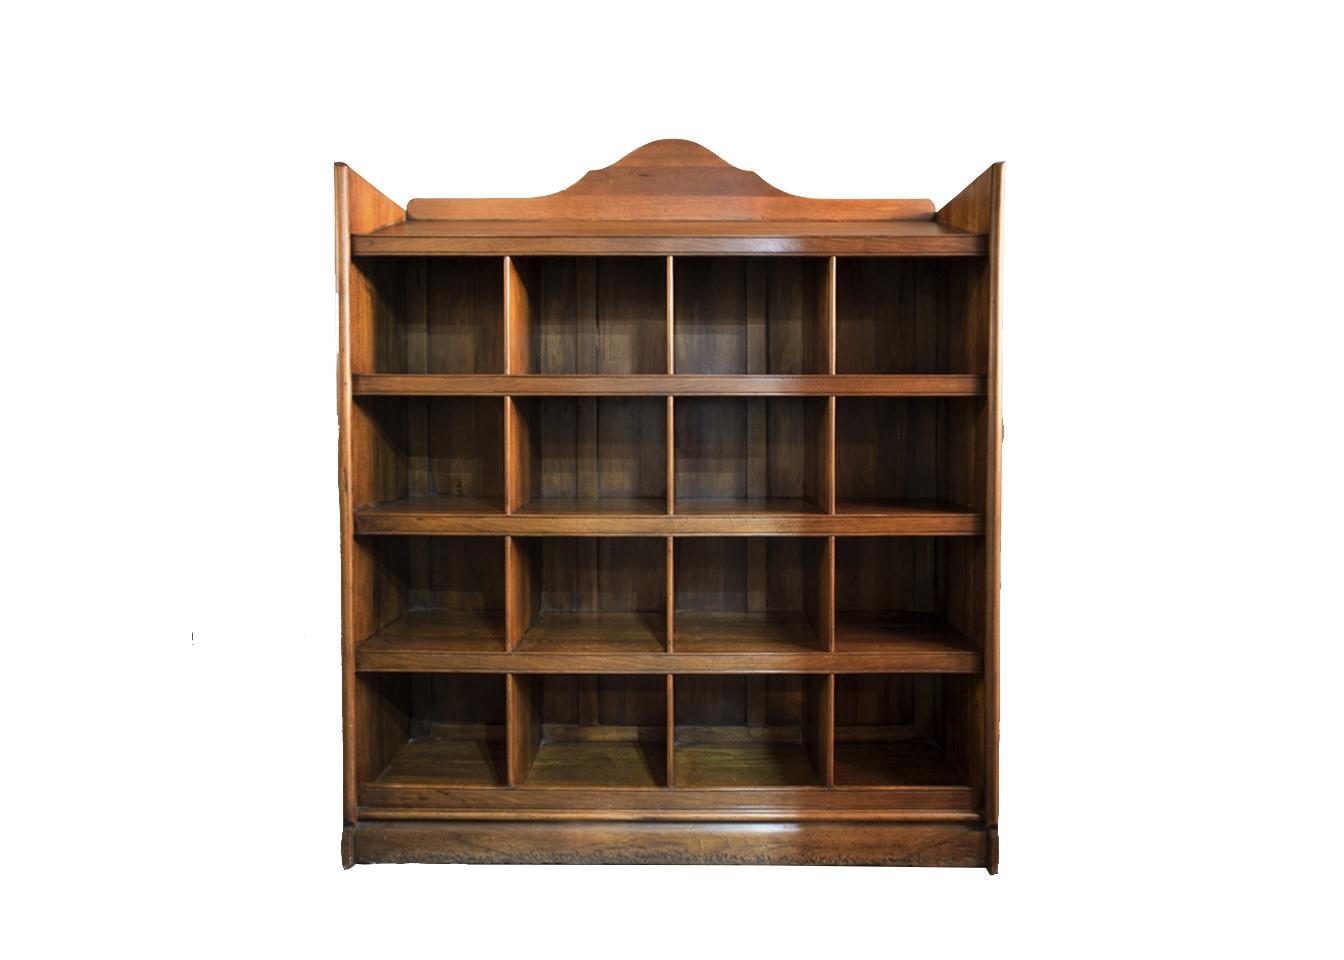 Шкаф книжный НотаирКнижные шкафы и библиотеки<br>Лаконичный шкаф с просторными полками всем своим видом демонстрирует нам готовность хранить книги любого формата. Шкаф венчает кокетливое навершие, придающее всему предмету игривый вид.<br><br>Material: Дерево<br>Length см: None<br>Width см: 150<br>Depth см: 37<br>Height см: 160<br>Diameter см: None